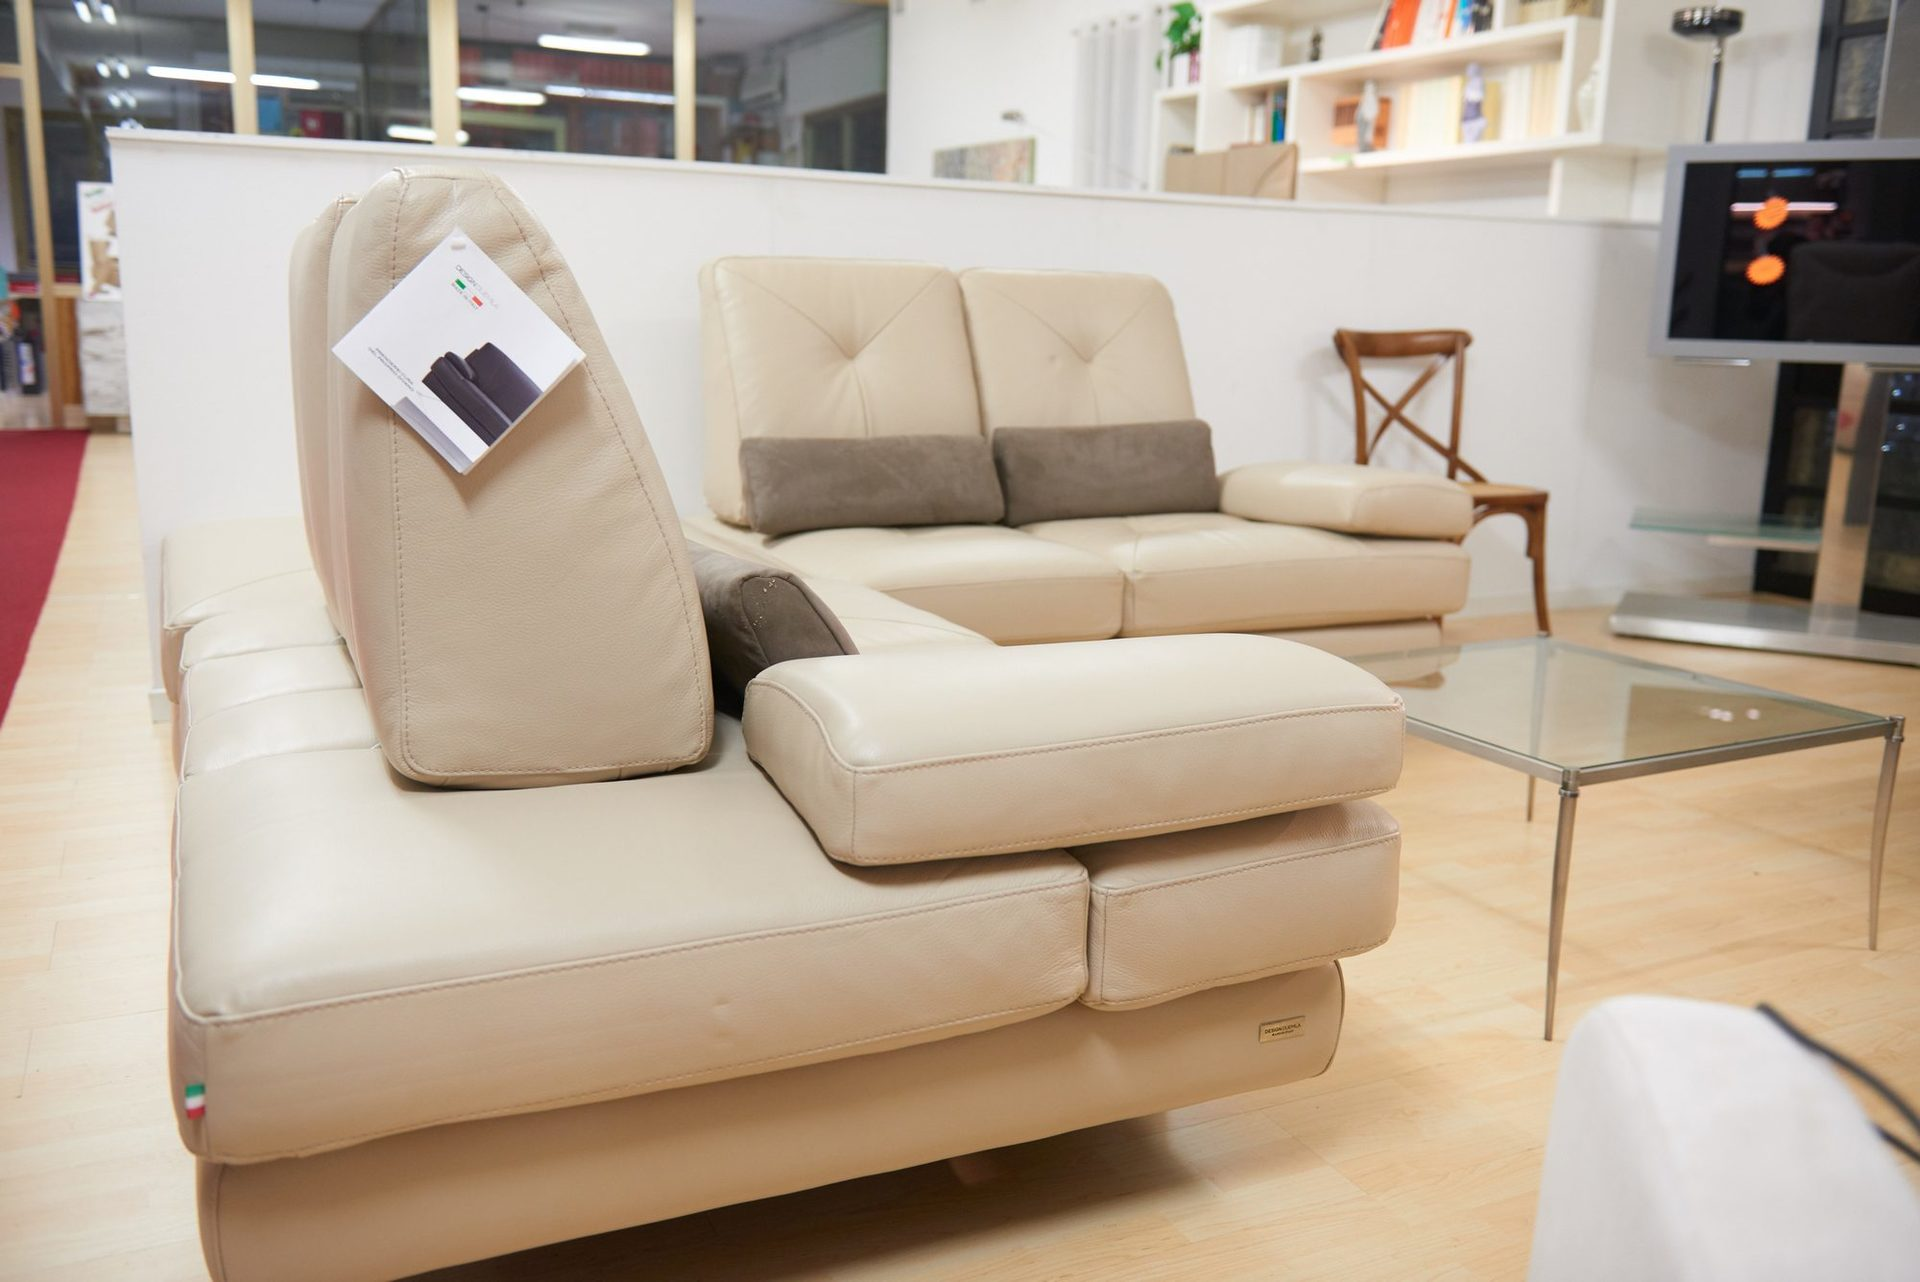 Divani e poltrone perugia pietrafitta mobili marchesini for Mobili e arredi bilancio